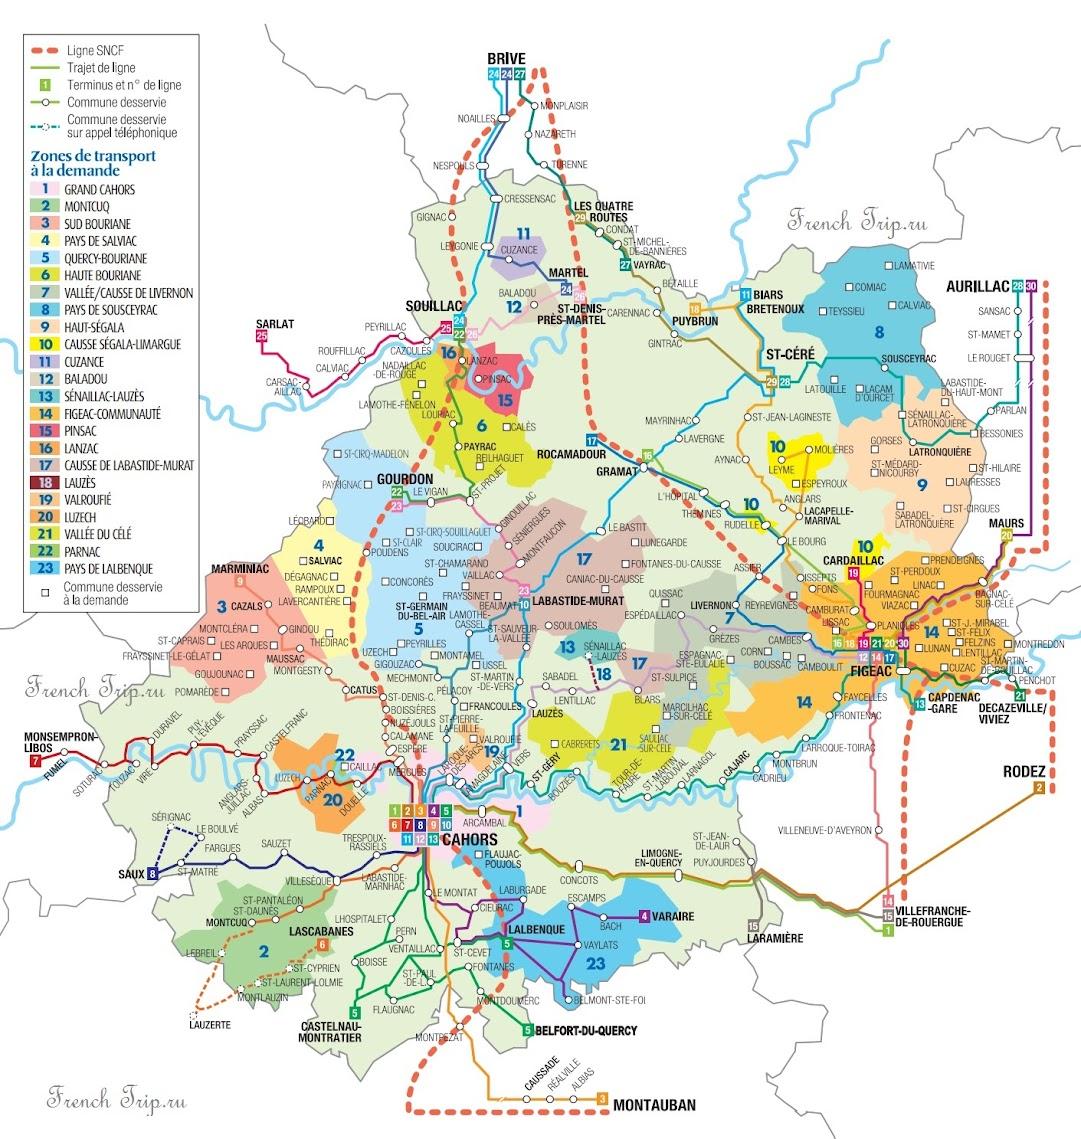 Схема маршрутов автобусов в департаменте Лот - Как добраться на автобусе в Фижак /Figeac, Миди-Пиренеи, Франция - расписание автобусов по региону Миди-Пиренеи, департаменту Лот. Схема маршрутов автобусов